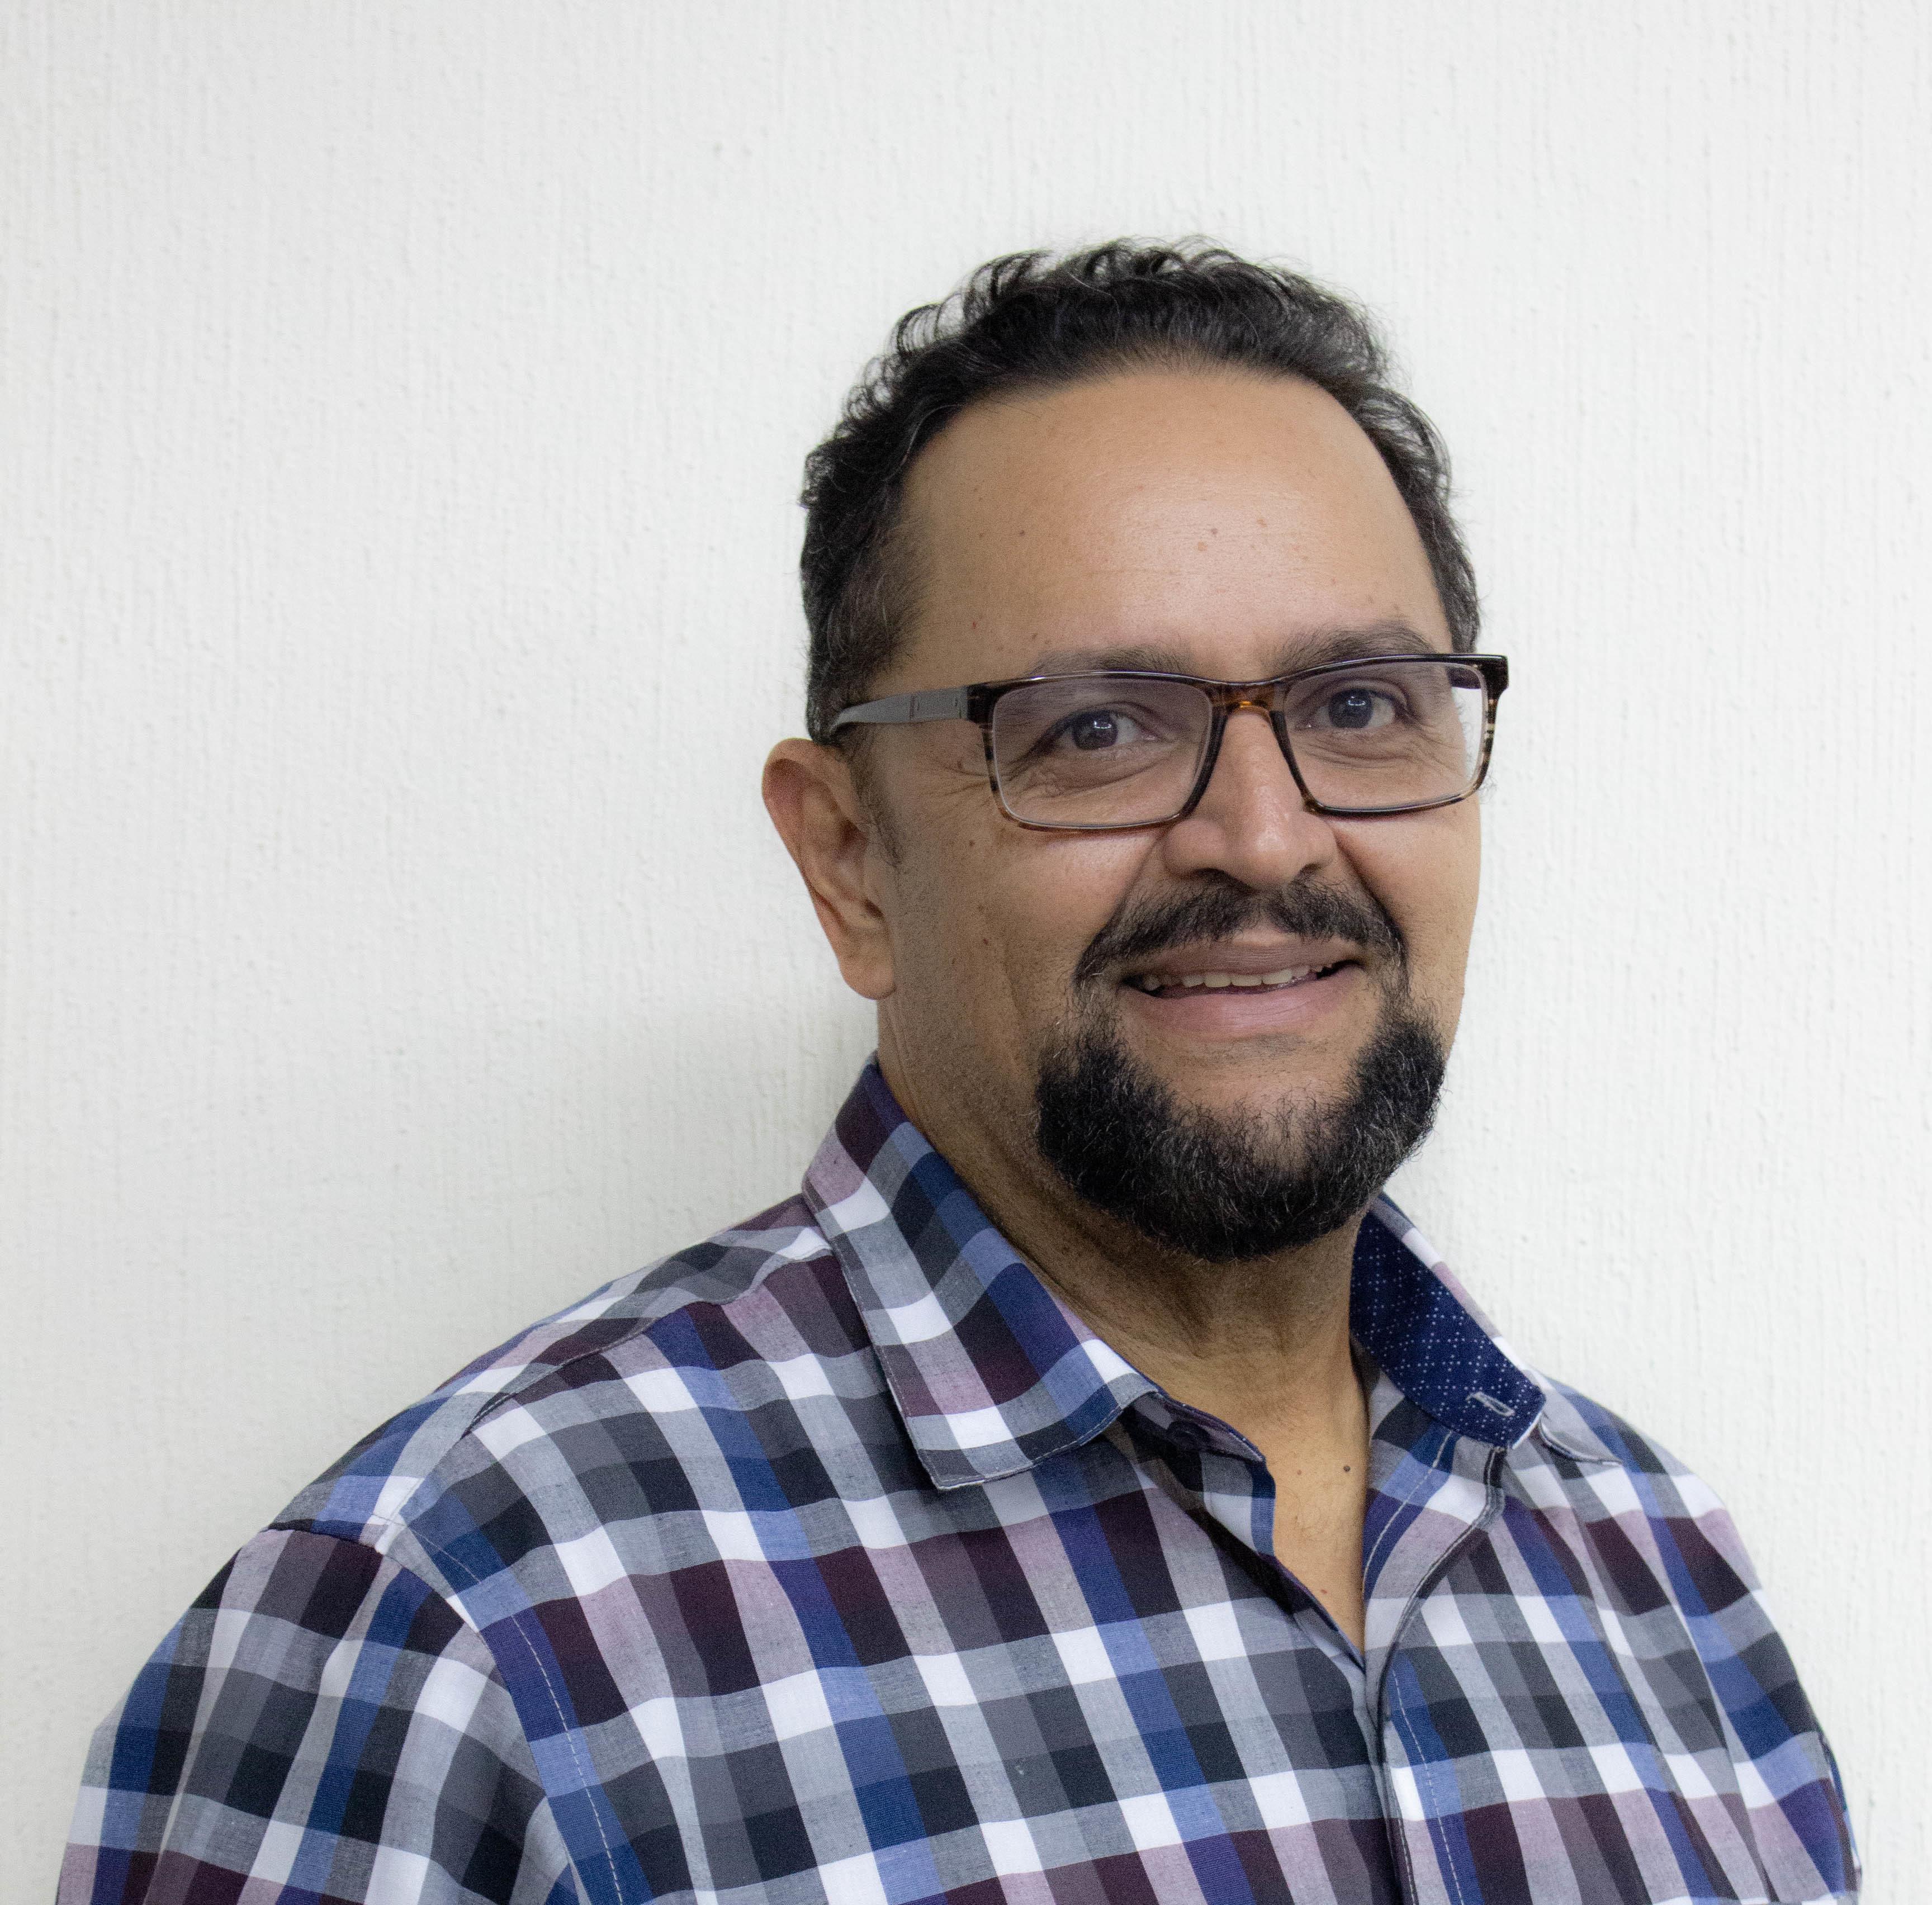 Rev. Djard Cadais Moraes